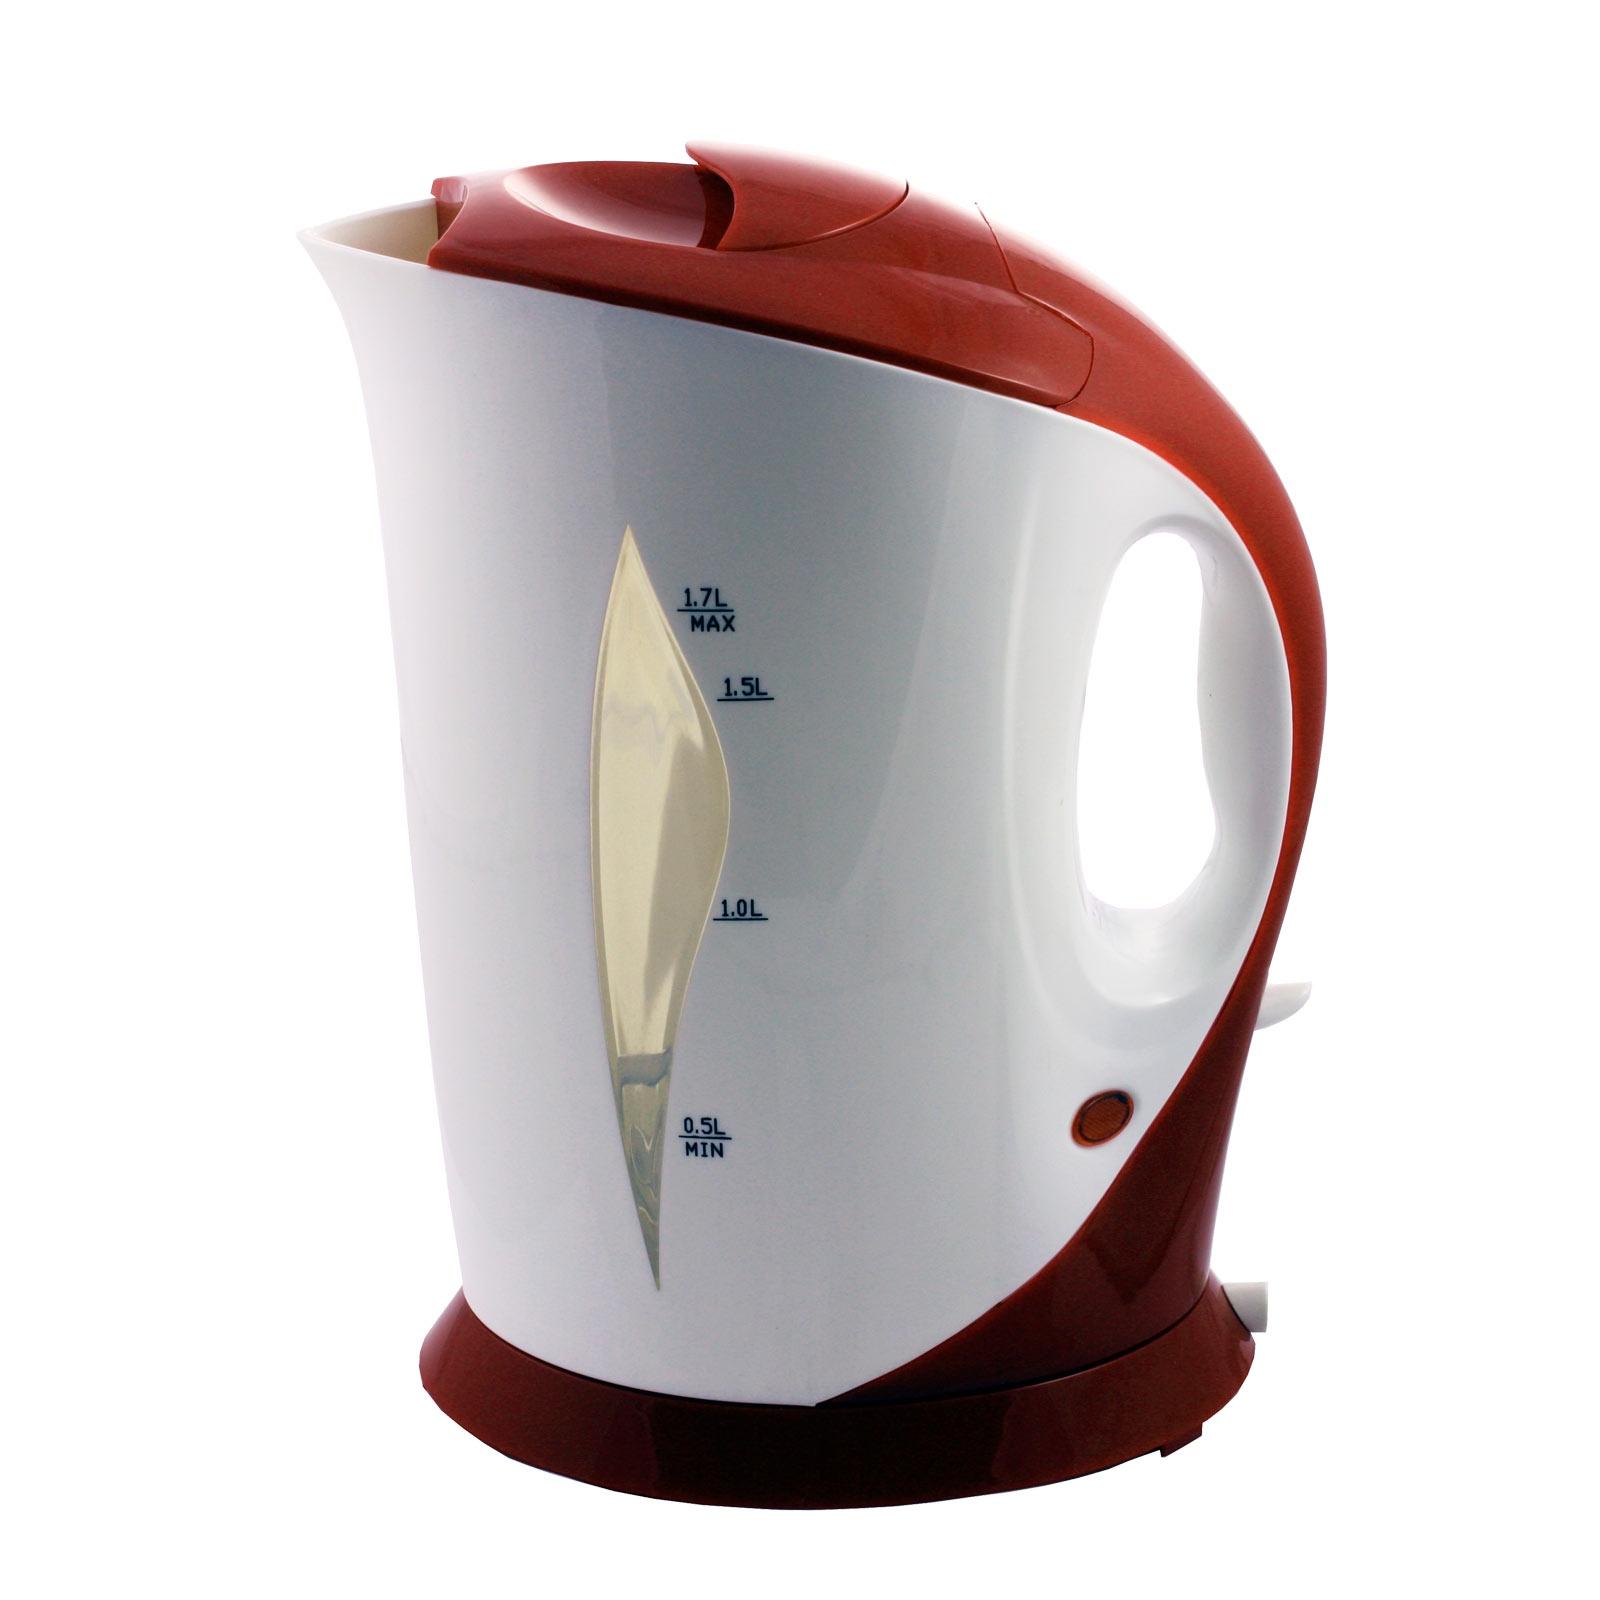 Электрочайник МИКМА ИП-520, цвет:бело-красный, 1.7 л